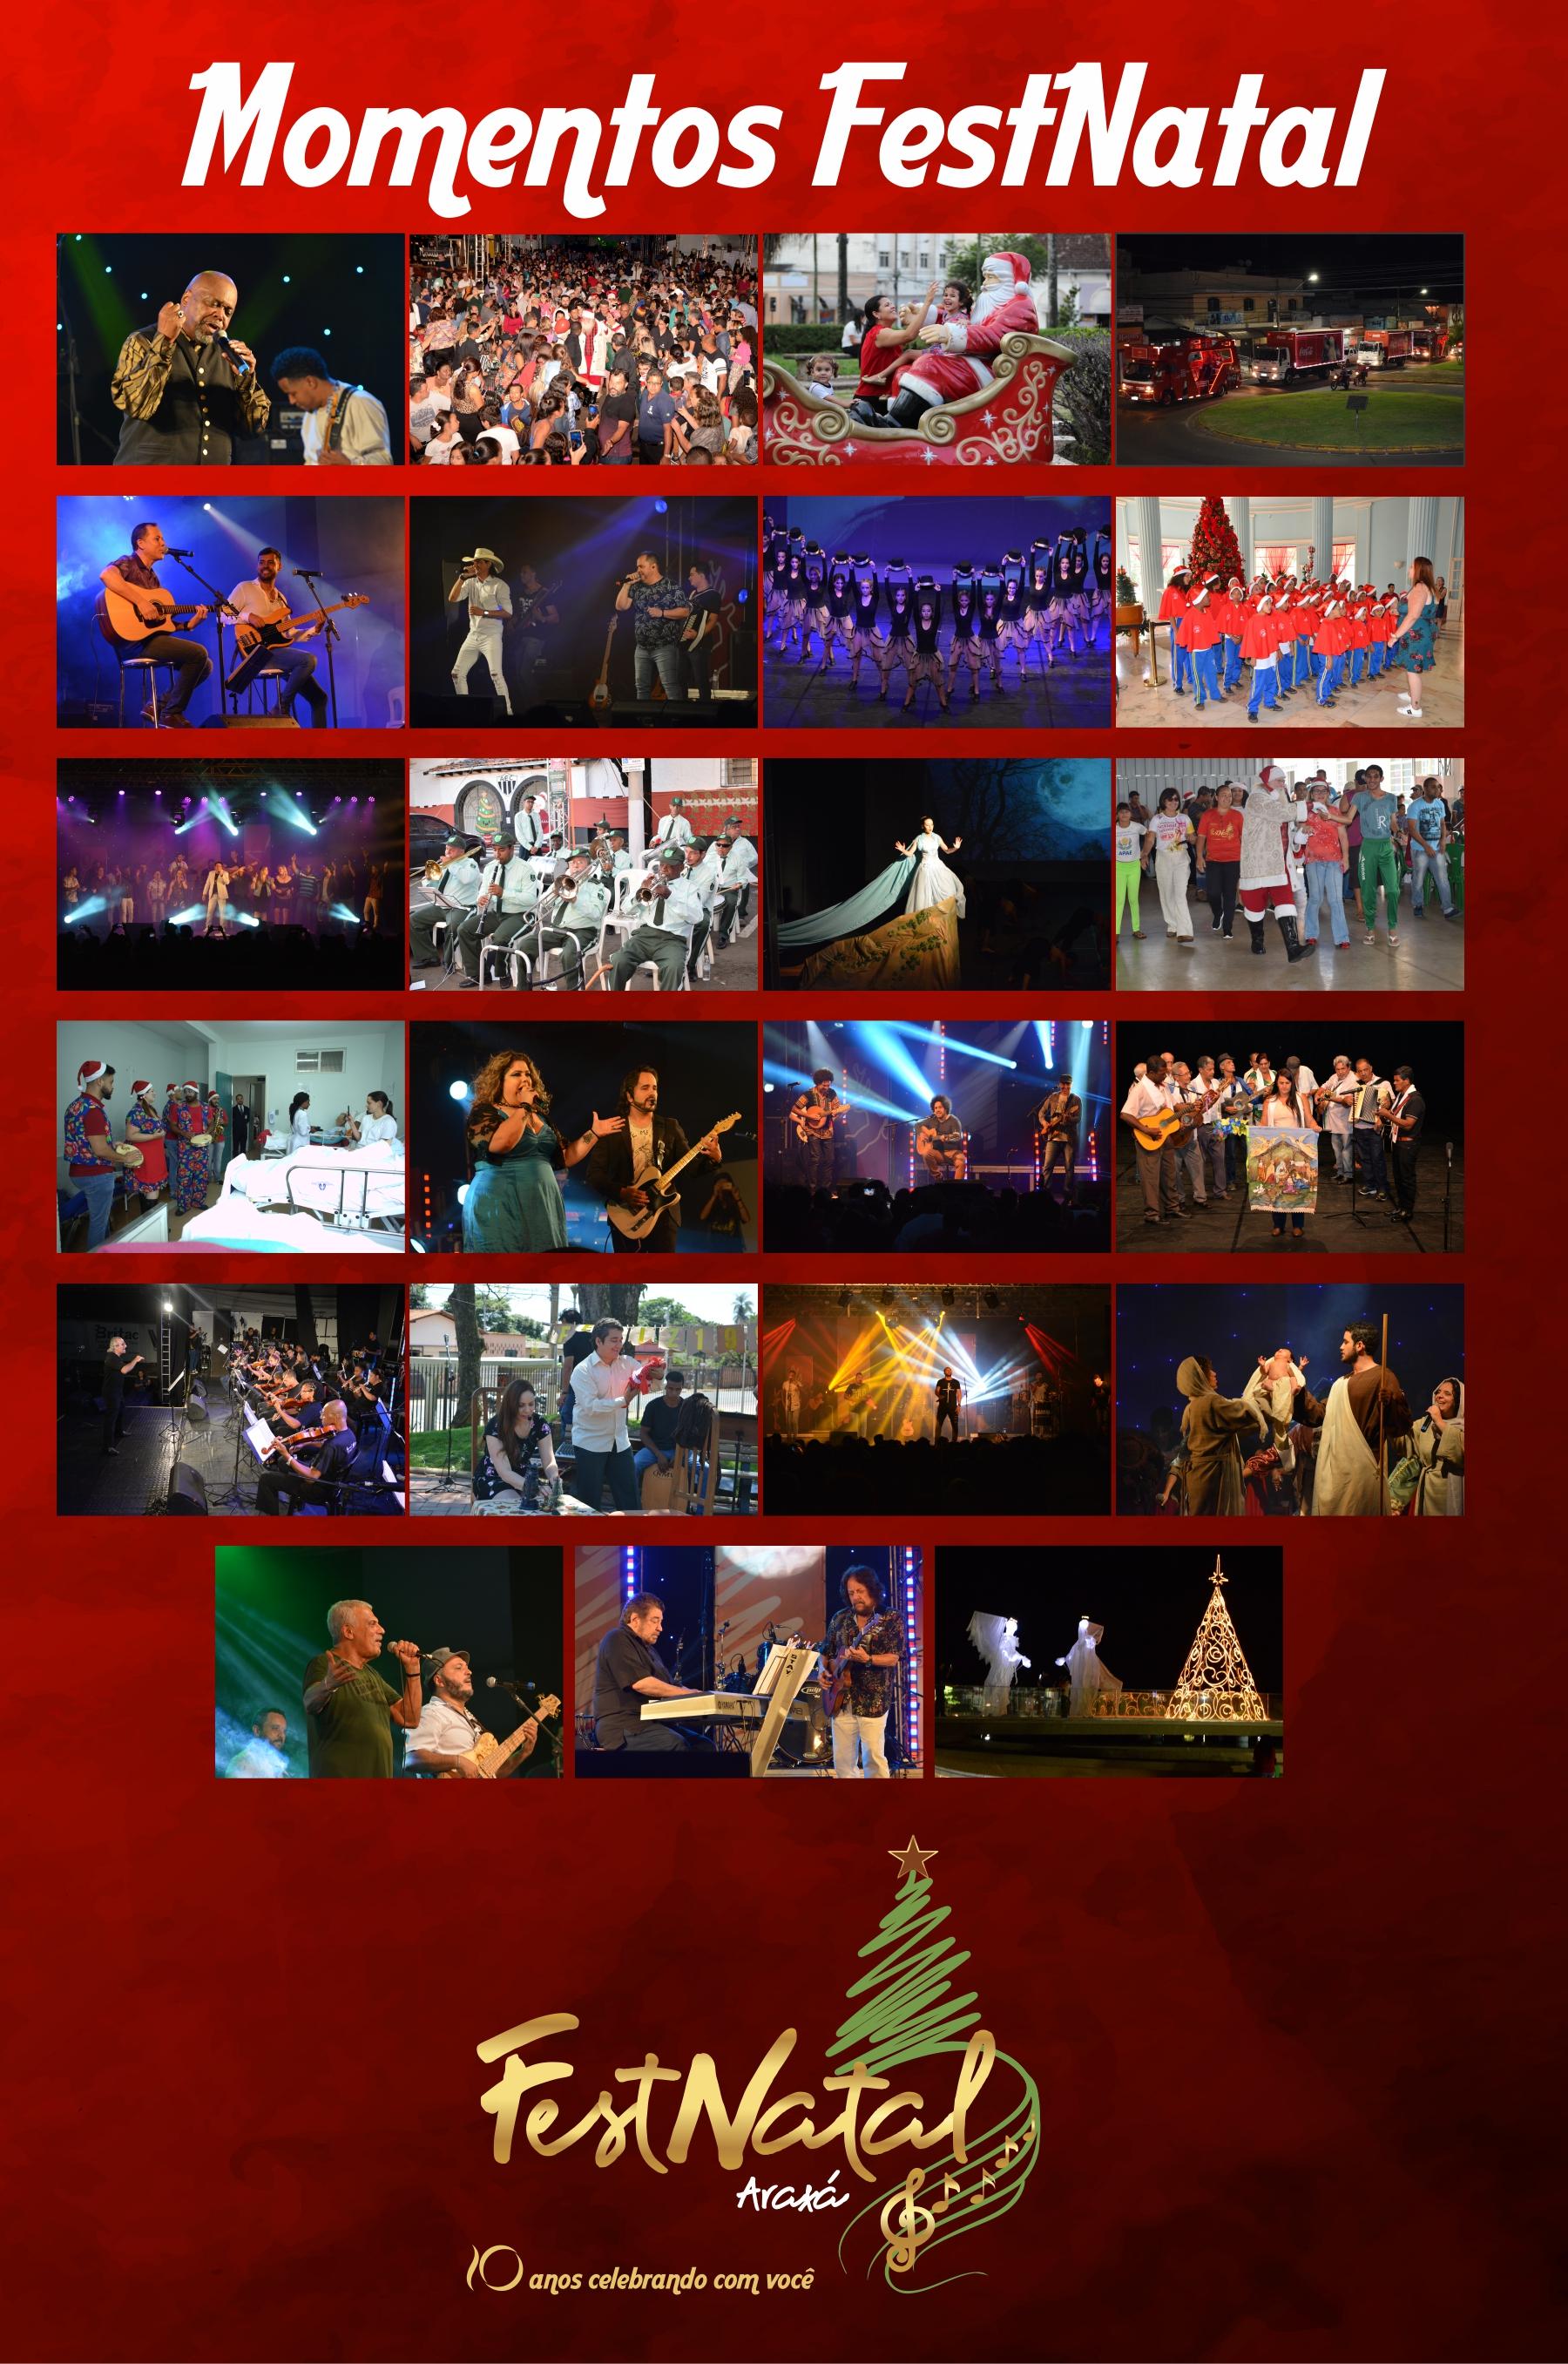 FestNatal termina com recorde de público em mais de 250 apresentações